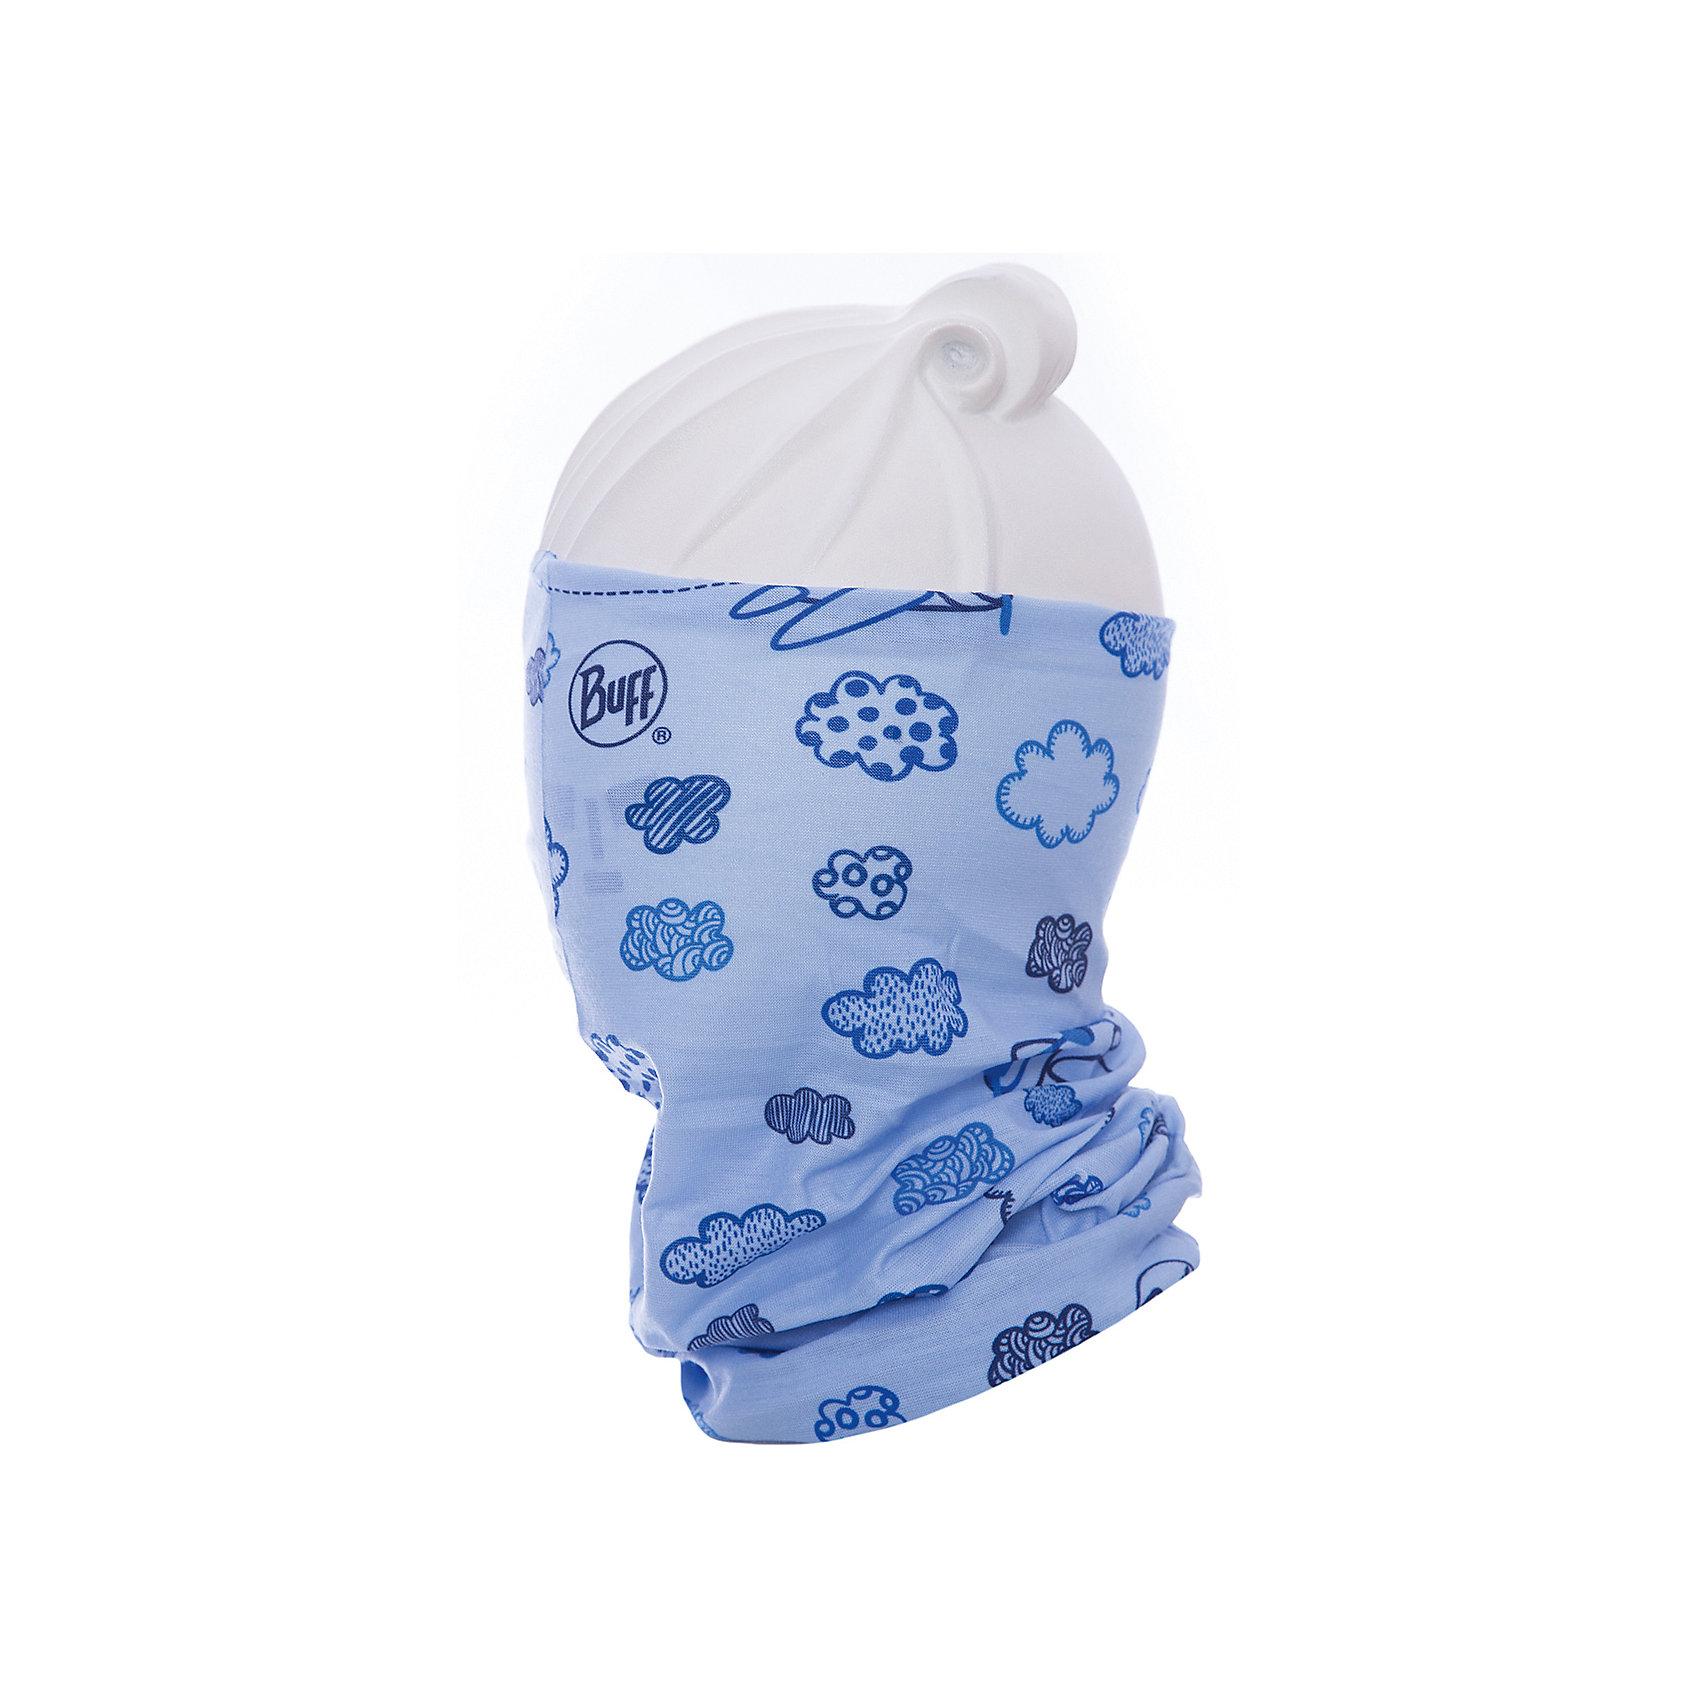 Бандана BUFFГоловные уборы<br>Бандана BUFF <br>Бесшовная бандана-труба из специальной серии Original BUFF. Original BUFF - самый популярный универсальный головной убор из всех серий. <br><br>Сделан из микрофибры - защищает от ветра, пыли, влаги и ультрафиолета. Контролирует микроклимат в холодную и теплую погоду, отводит влагу. Ткань обработана ионами серебра, обеспечивающими длительный антибактериальный эффект и предотвращающими появление запаха. Допускается машинная и ручная стирка при 30-40градусах. Материал не теряет цвет и эластичность, не требует глажки. <br><br>Original BUFF можно носить на шее и на голове, как шейный платок, маску, бандану, шапку и подшлемник. <br><br>Свойства материала позволяют использовать бандану Original BUFF в любое время года, при занятиях любым видом спорта, активного отдыха, туризма или рыбалки.<br>Состав:<br>Полиэстер 100%<br><br>Ширина мм: 89<br>Глубина мм: 117<br>Высота мм: 44<br>Вес г: 155<br>Цвет: голубой<br>Возраст от месяцев: 84<br>Возраст до месяцев: 1188<br>Пол: Унисекс<br>Возраст: Детский<br>Размер: one size<br>SKU: 5568613